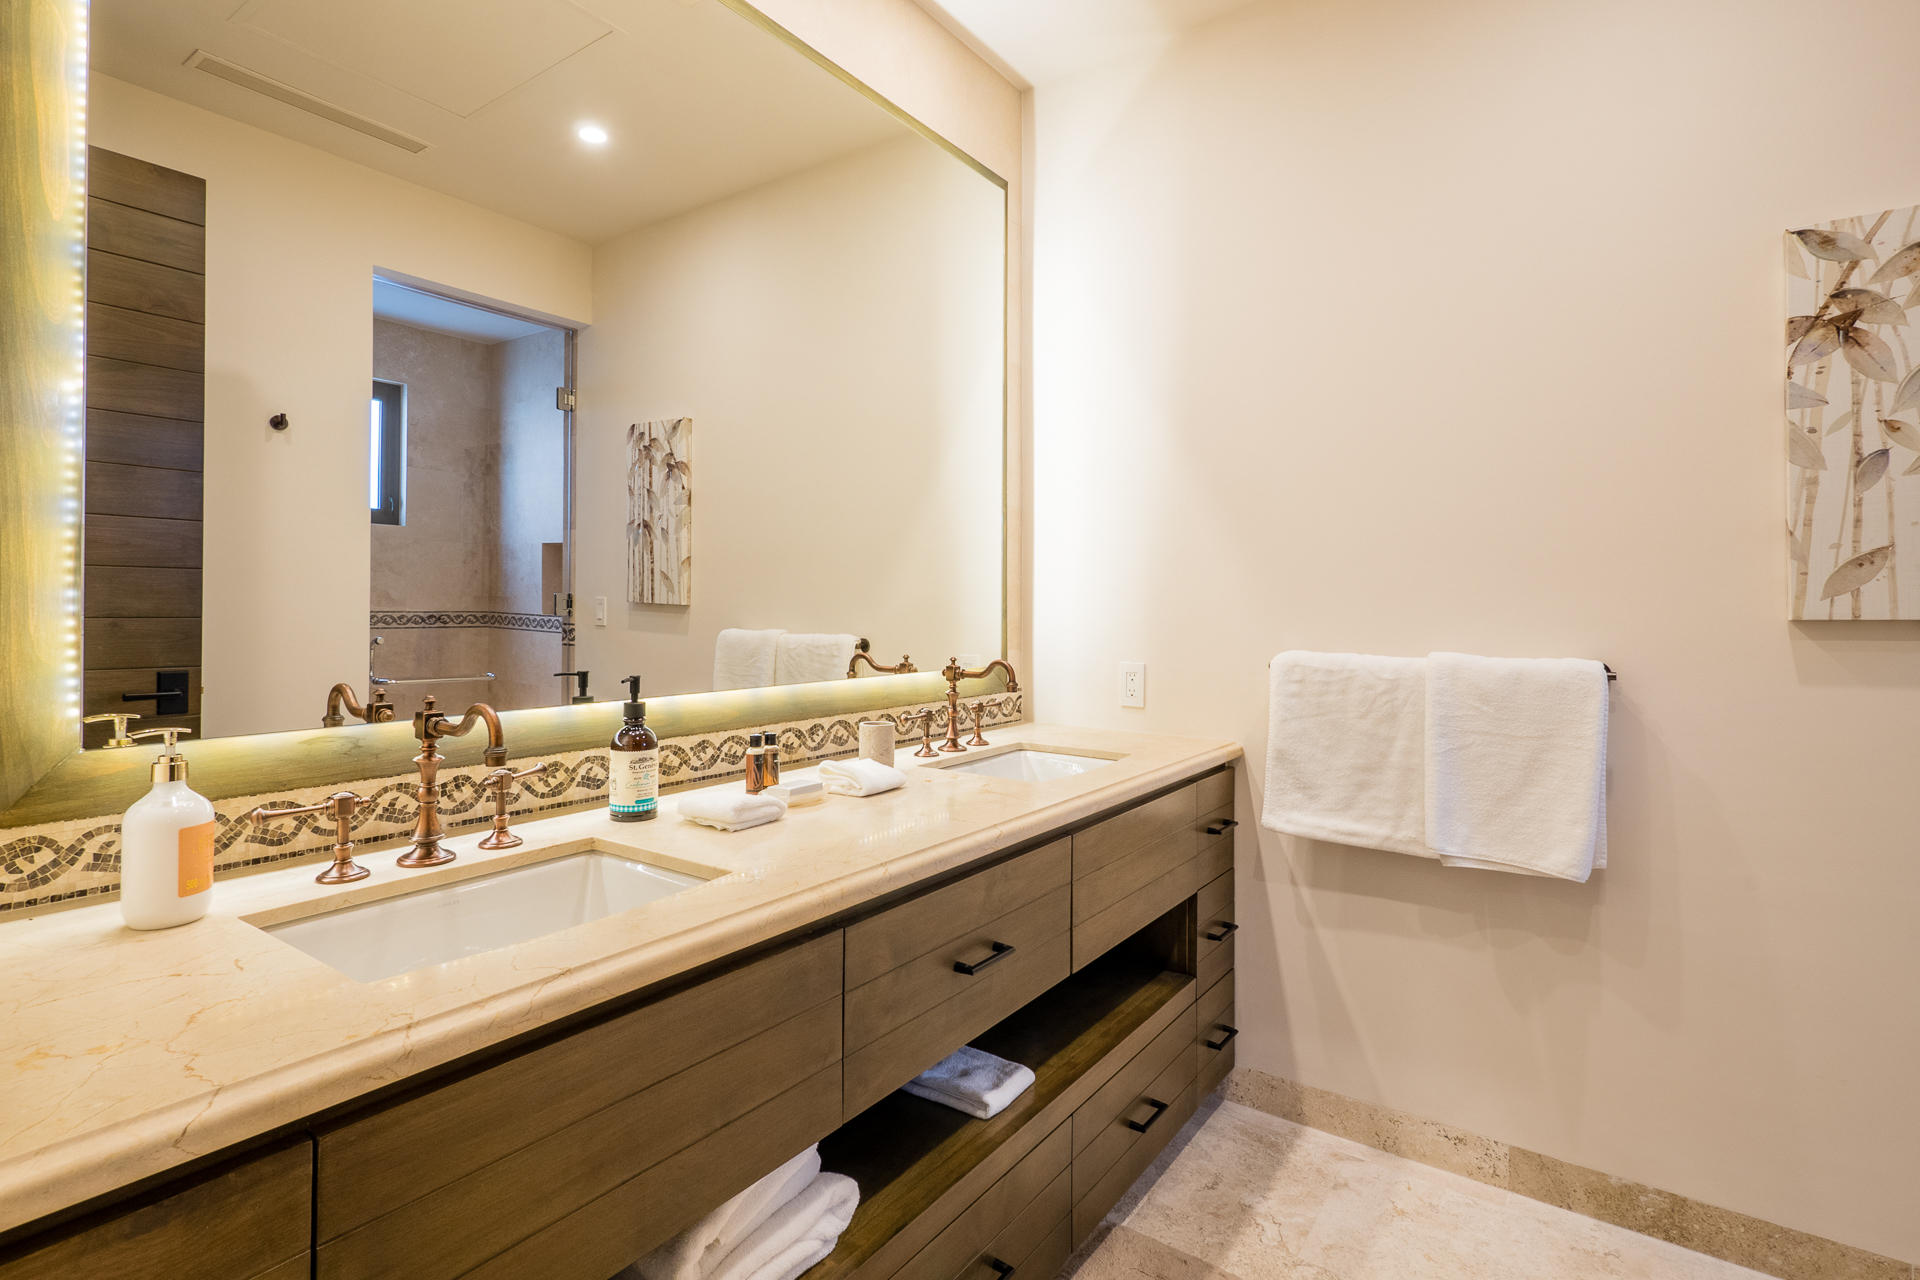 Pacific, 4 Bedrooms Bedrooms, ,4 BathroomsBathrooms,House,For Sale,CORONADO,20-388